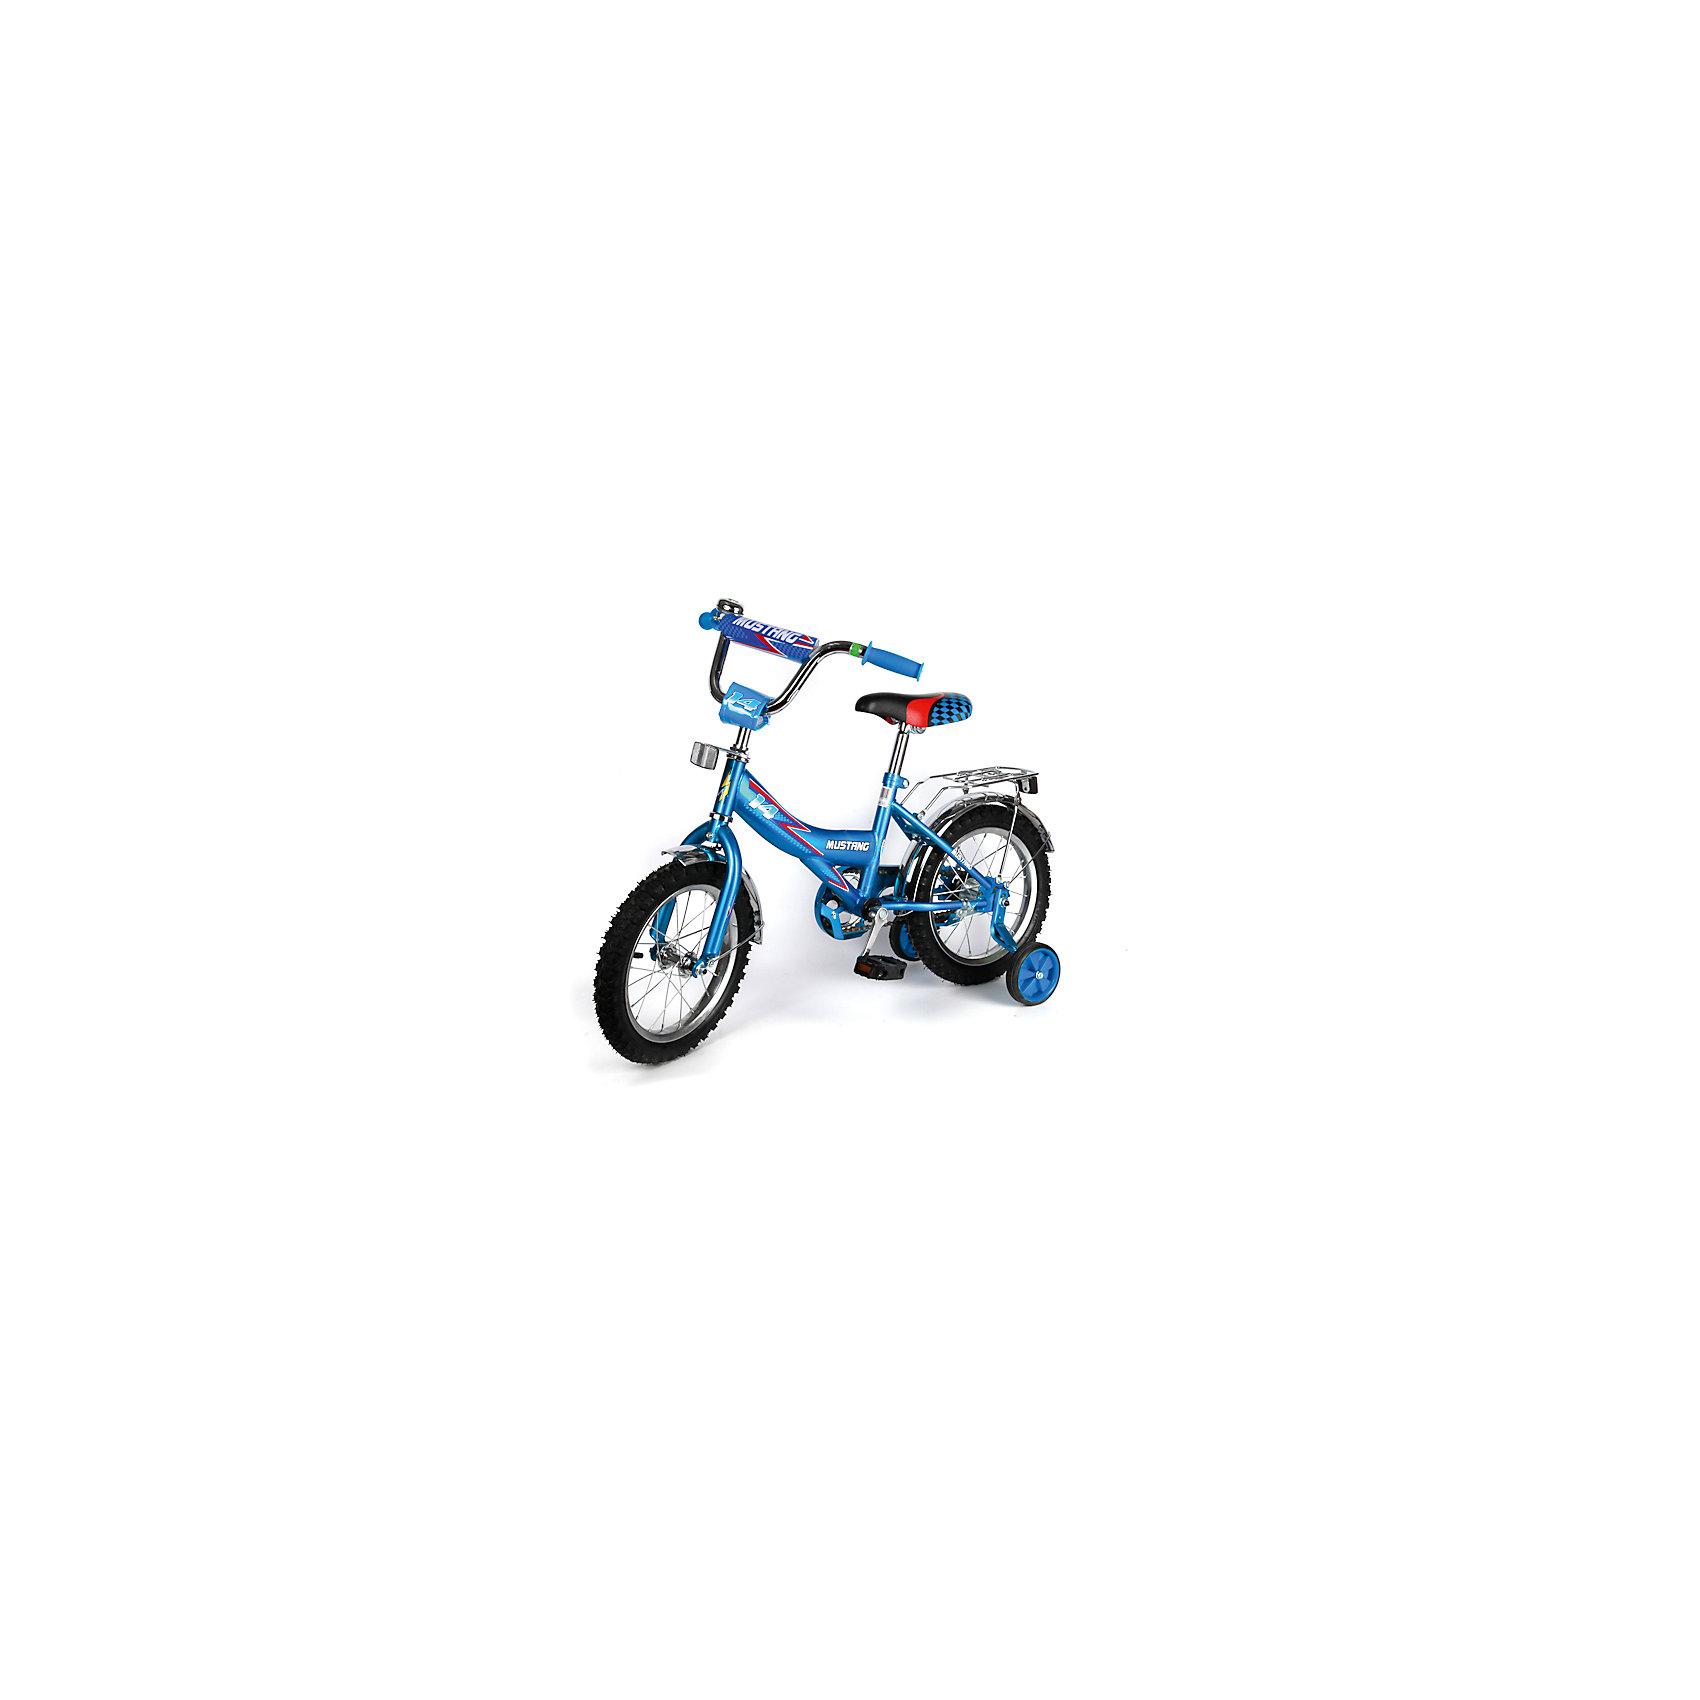 """Детский велосипед,  14"""",  синий, MustangВелосипеды детские<br>Характеристики товара:<br><br>• цвет: синий<br>• низкая Push-рама<br>• диаметр колес: 35 см (14)<br>• 1 скорость<br>• задний ножной тормоз<br>• регулируемый хромированный руль BMX с защитной накладкой<br>• багажник<br>• звонок<br>• приставные пластиковые колеса с усиленным кронштейном<br>• ограничитель поворота руля<br>• полная защита цепи """"Р"""" типа<br>• вес: 10,5 кг<br>• размер в собранном виде: 100х50х68 см<br>• допустимый вес: до 30 кг<br>• рекомендуемый возраст: от 3 лет<br>• страна производства: Китай<br><br>Велосипед детский «Mustang» 14 можно купить в нашем магазине.<br><br>Ширина мм: 500<br>Глубина мм: 680<br>Высота мм: 1000<br>Вес г: 10500<br>Возраст от месяцев: 36<br>Возраст до месяцев: 72<br>Пол: Мужской<br>Возраст: Детский<br>SKU: 5526383"""